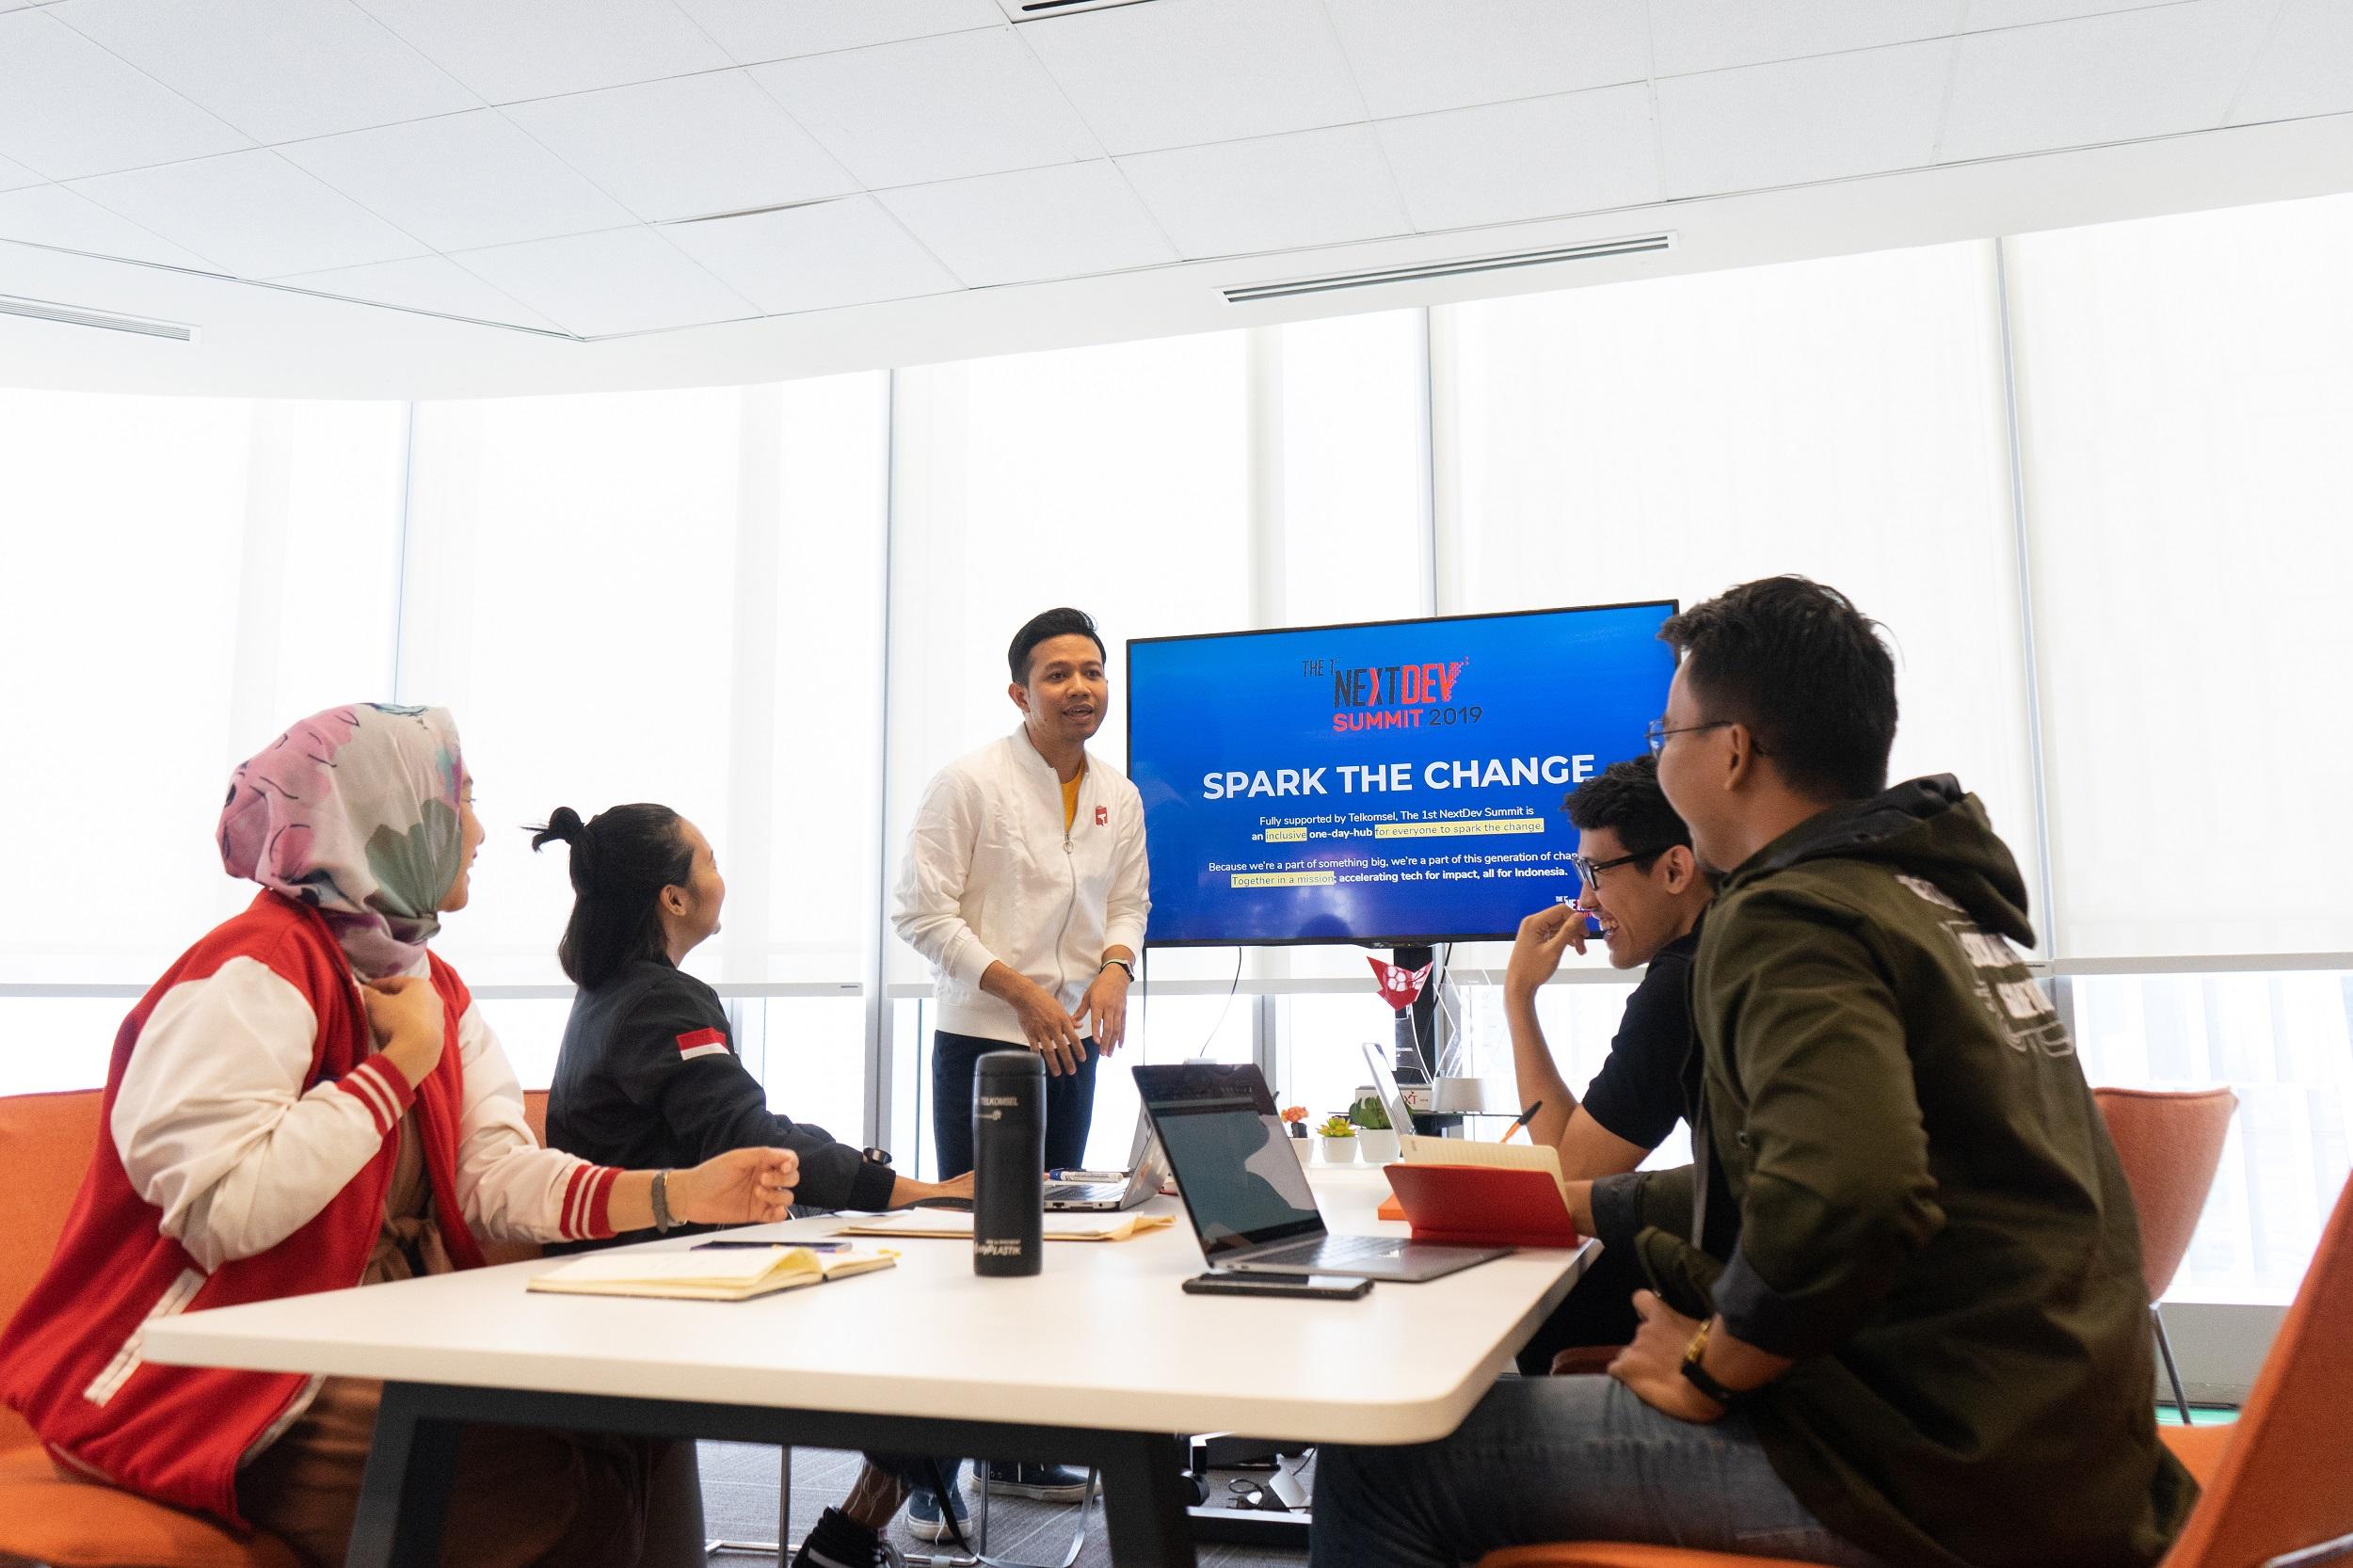 SEMANGAT GENERASI MUDA: Telkomsel mengajak generasi muda Indonesia untuk mengambil peran sebagai agen perubahan yang dapat mewujudkan pemerataan ekosistem digital yang positif.